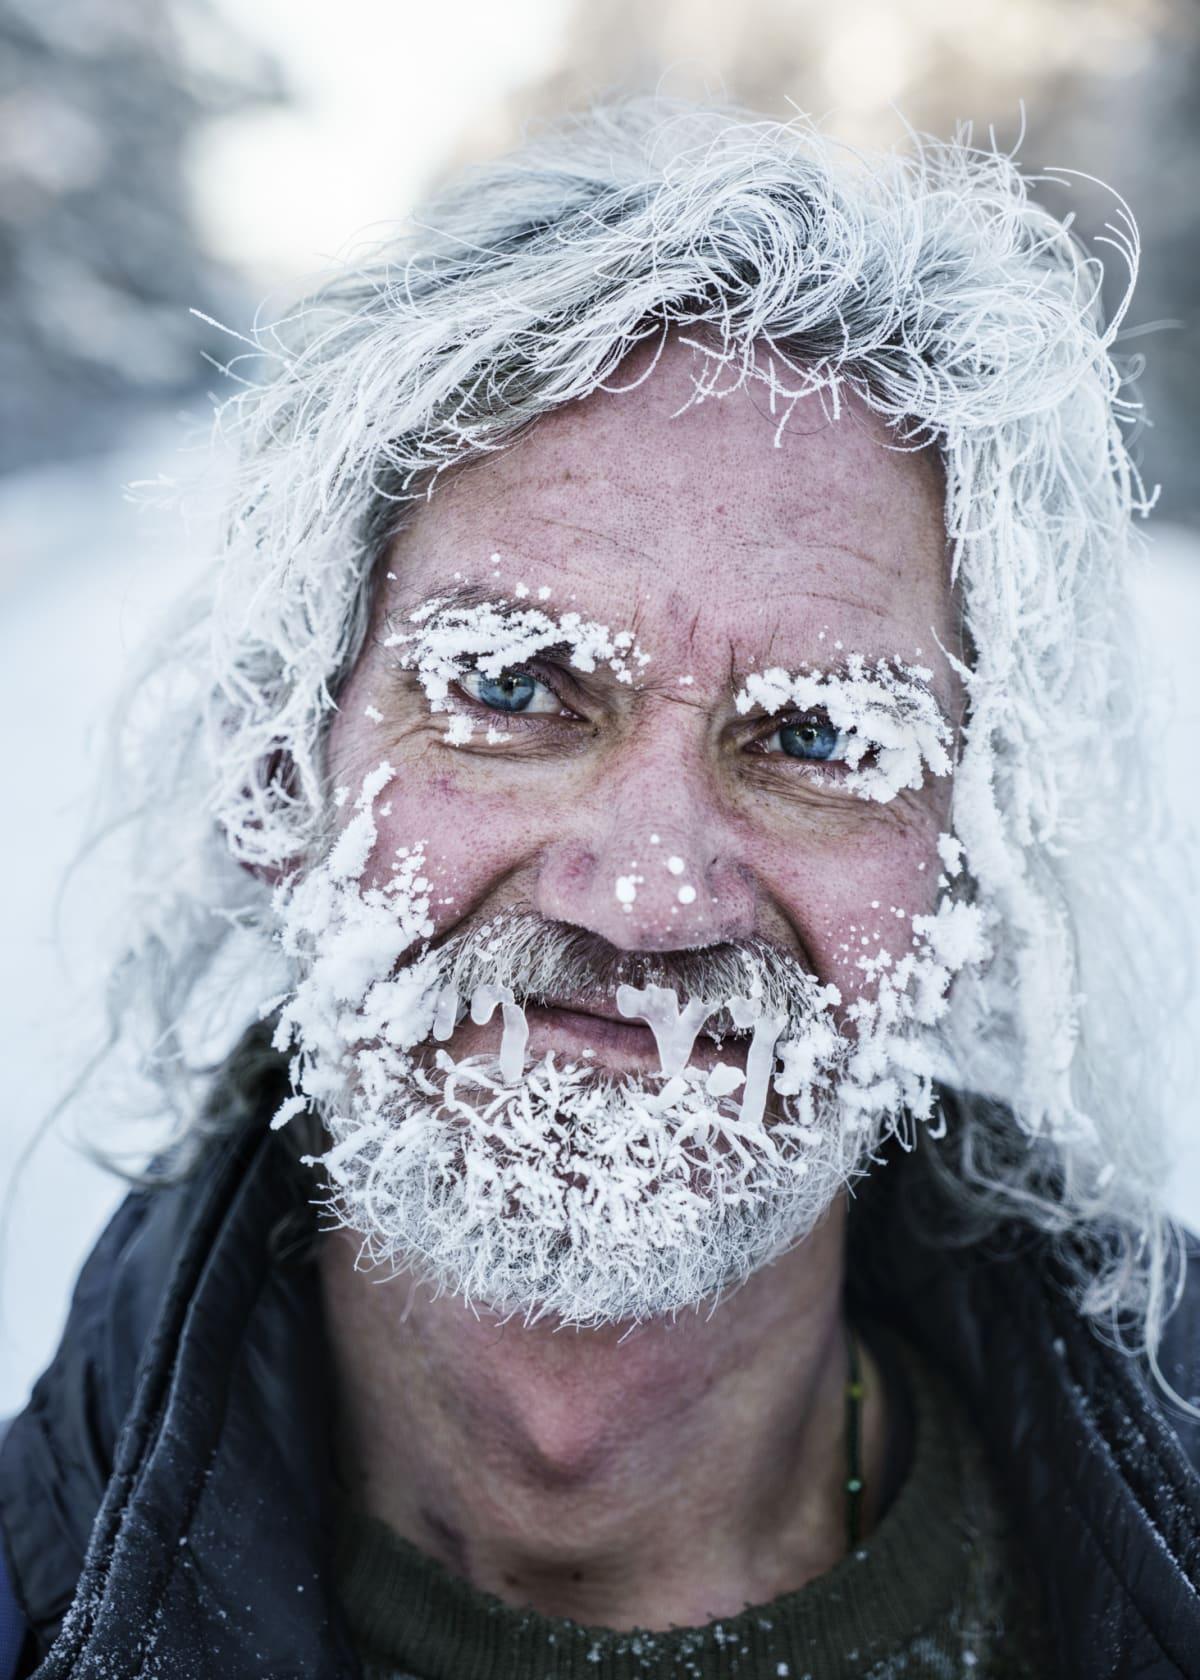 Jonas Bendiksen, Frozen disciple, Russia, 2016